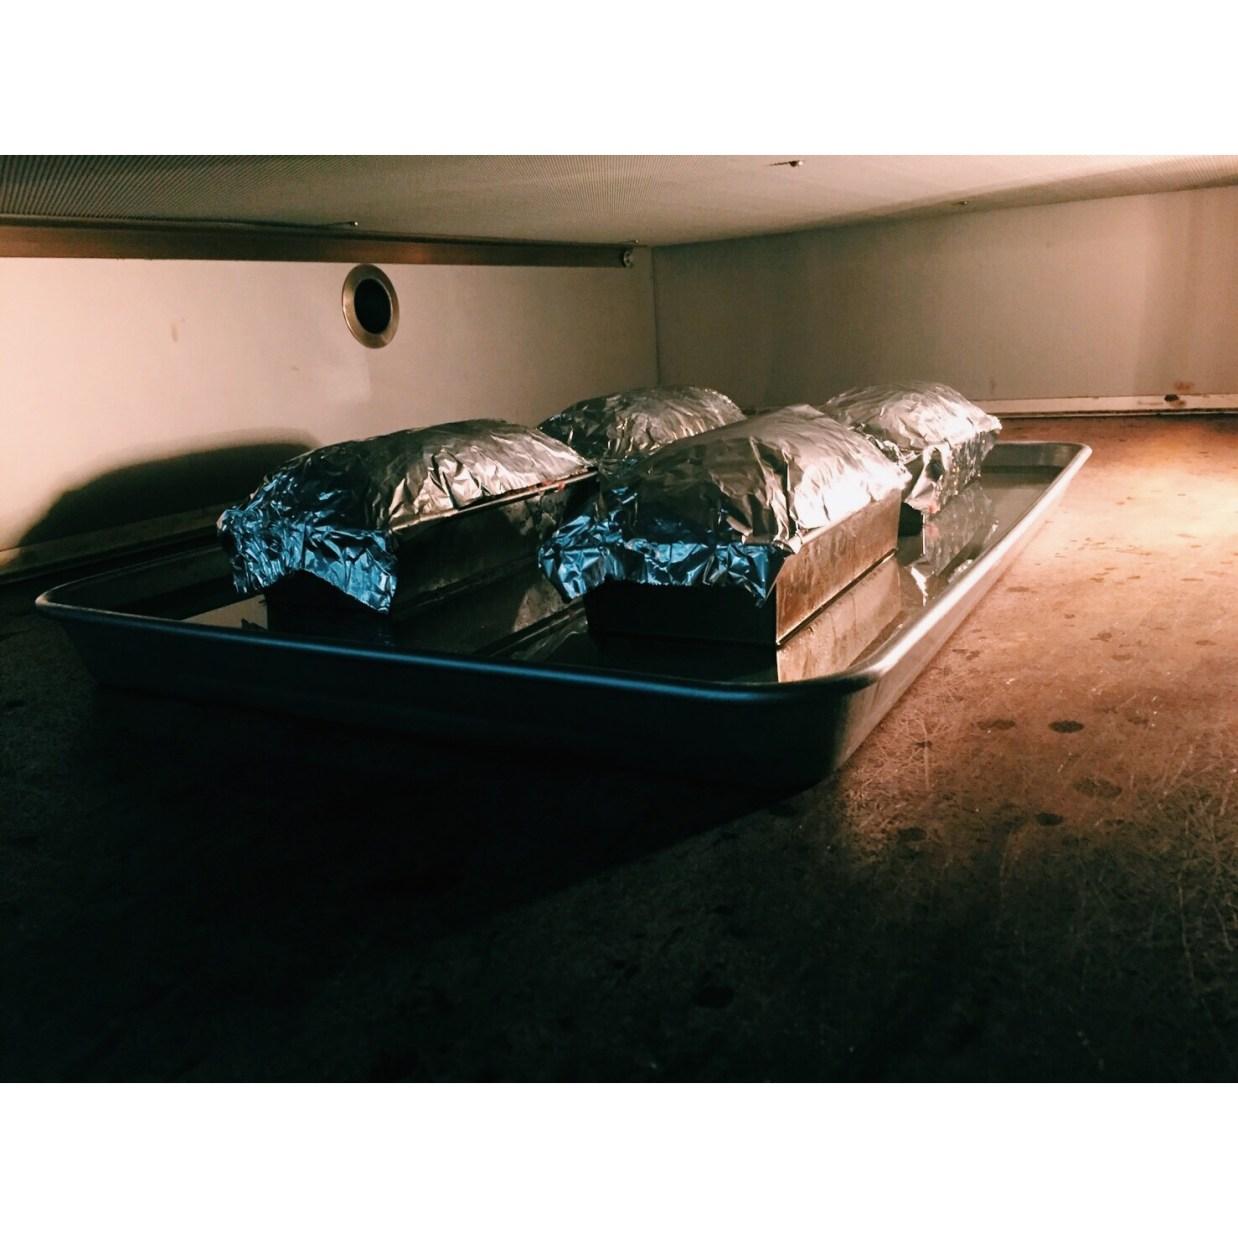 パテ・ド・カンパーニュサンドイッチ | OPAN オパン|東京 笹塚のパン屋